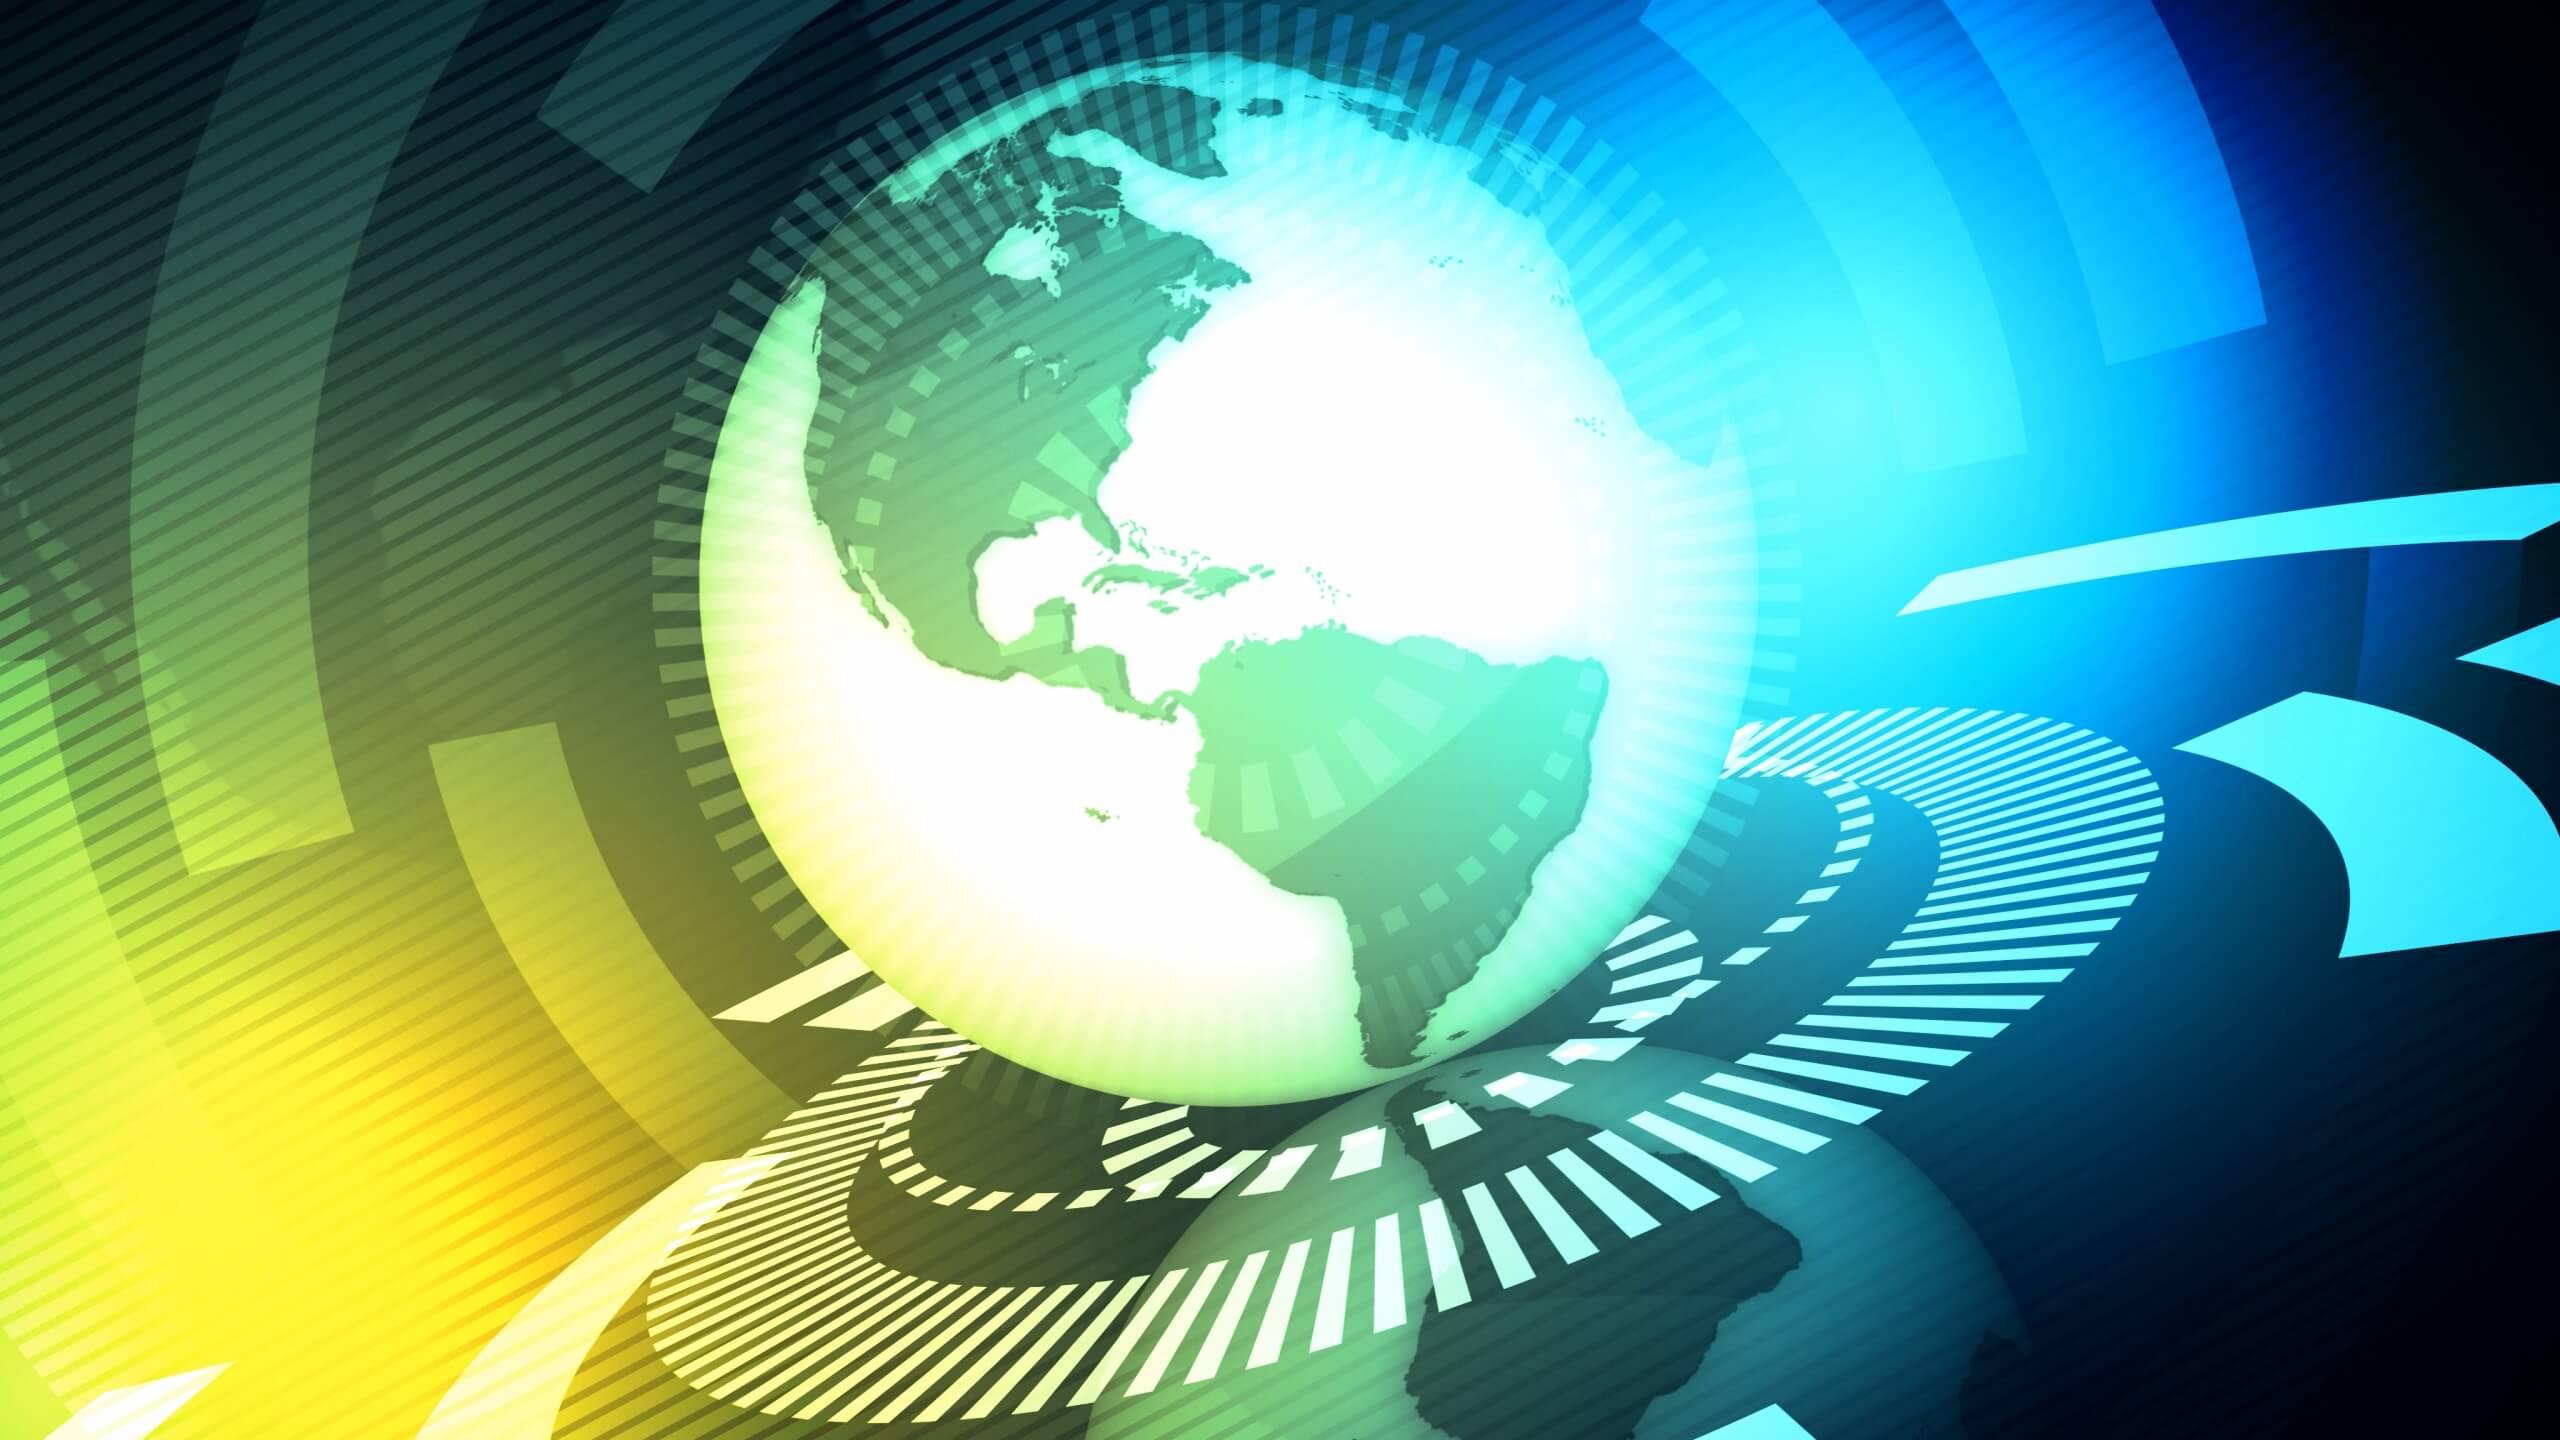 视频素材 5个世界地图新闻栏目背景素材无缝循环